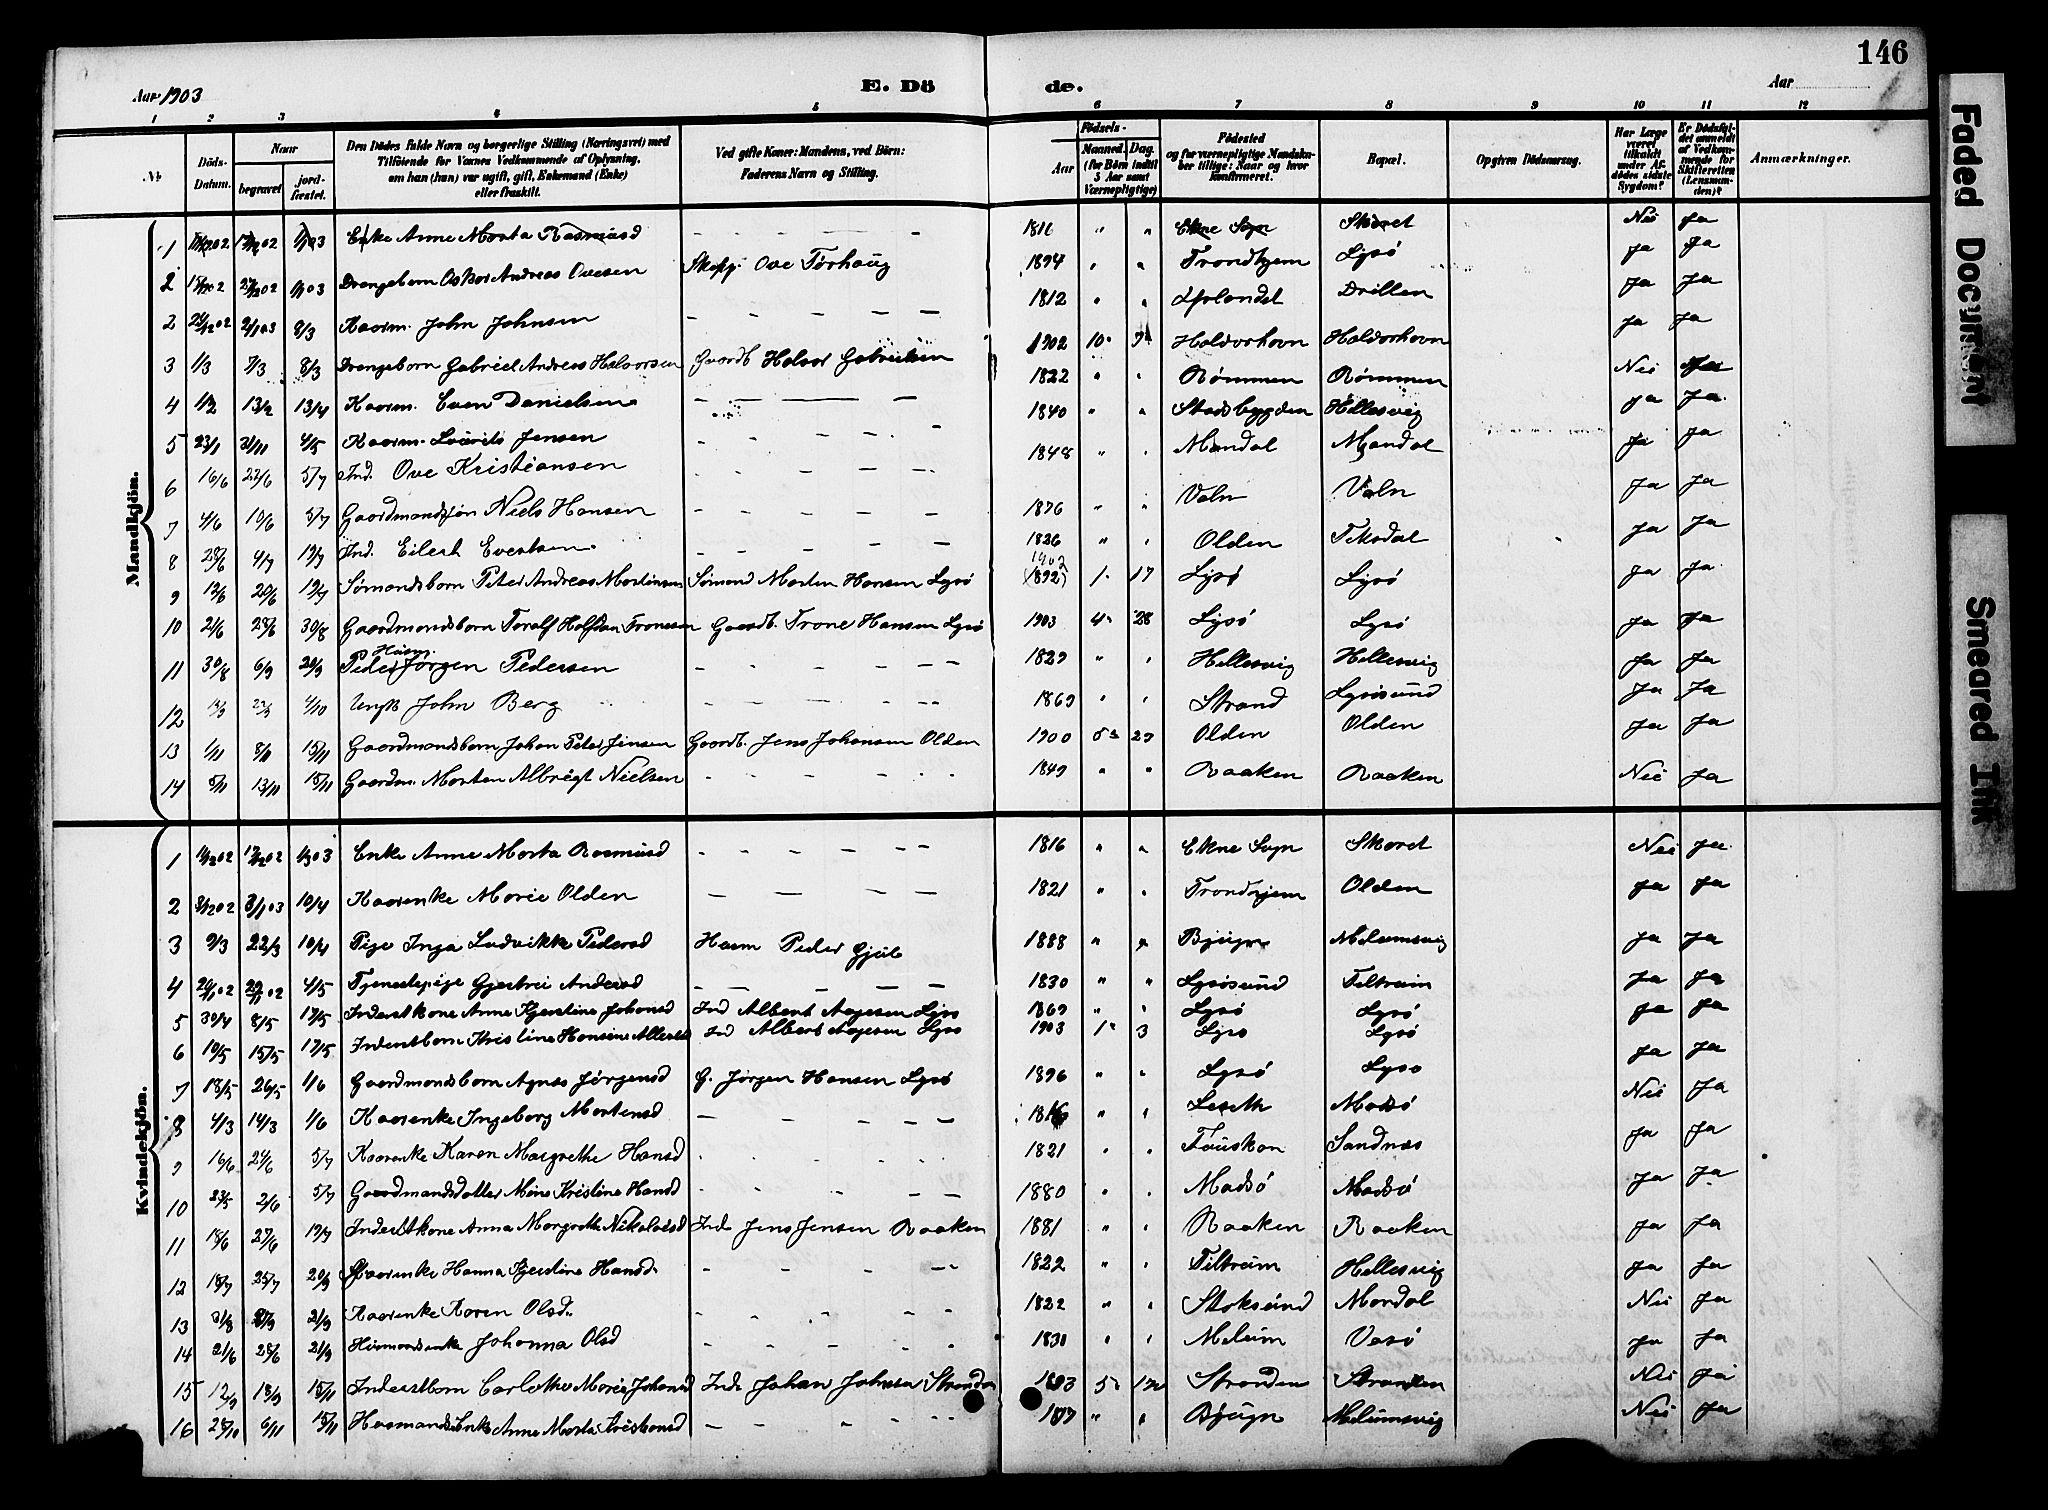 SAT, Ministerialprotokoller, klokkerbøker og fødselsregistre - Sør-Trøndelag, 654/L0666: Klokkerbok nr. 654C02, 1901-1925, s. 146